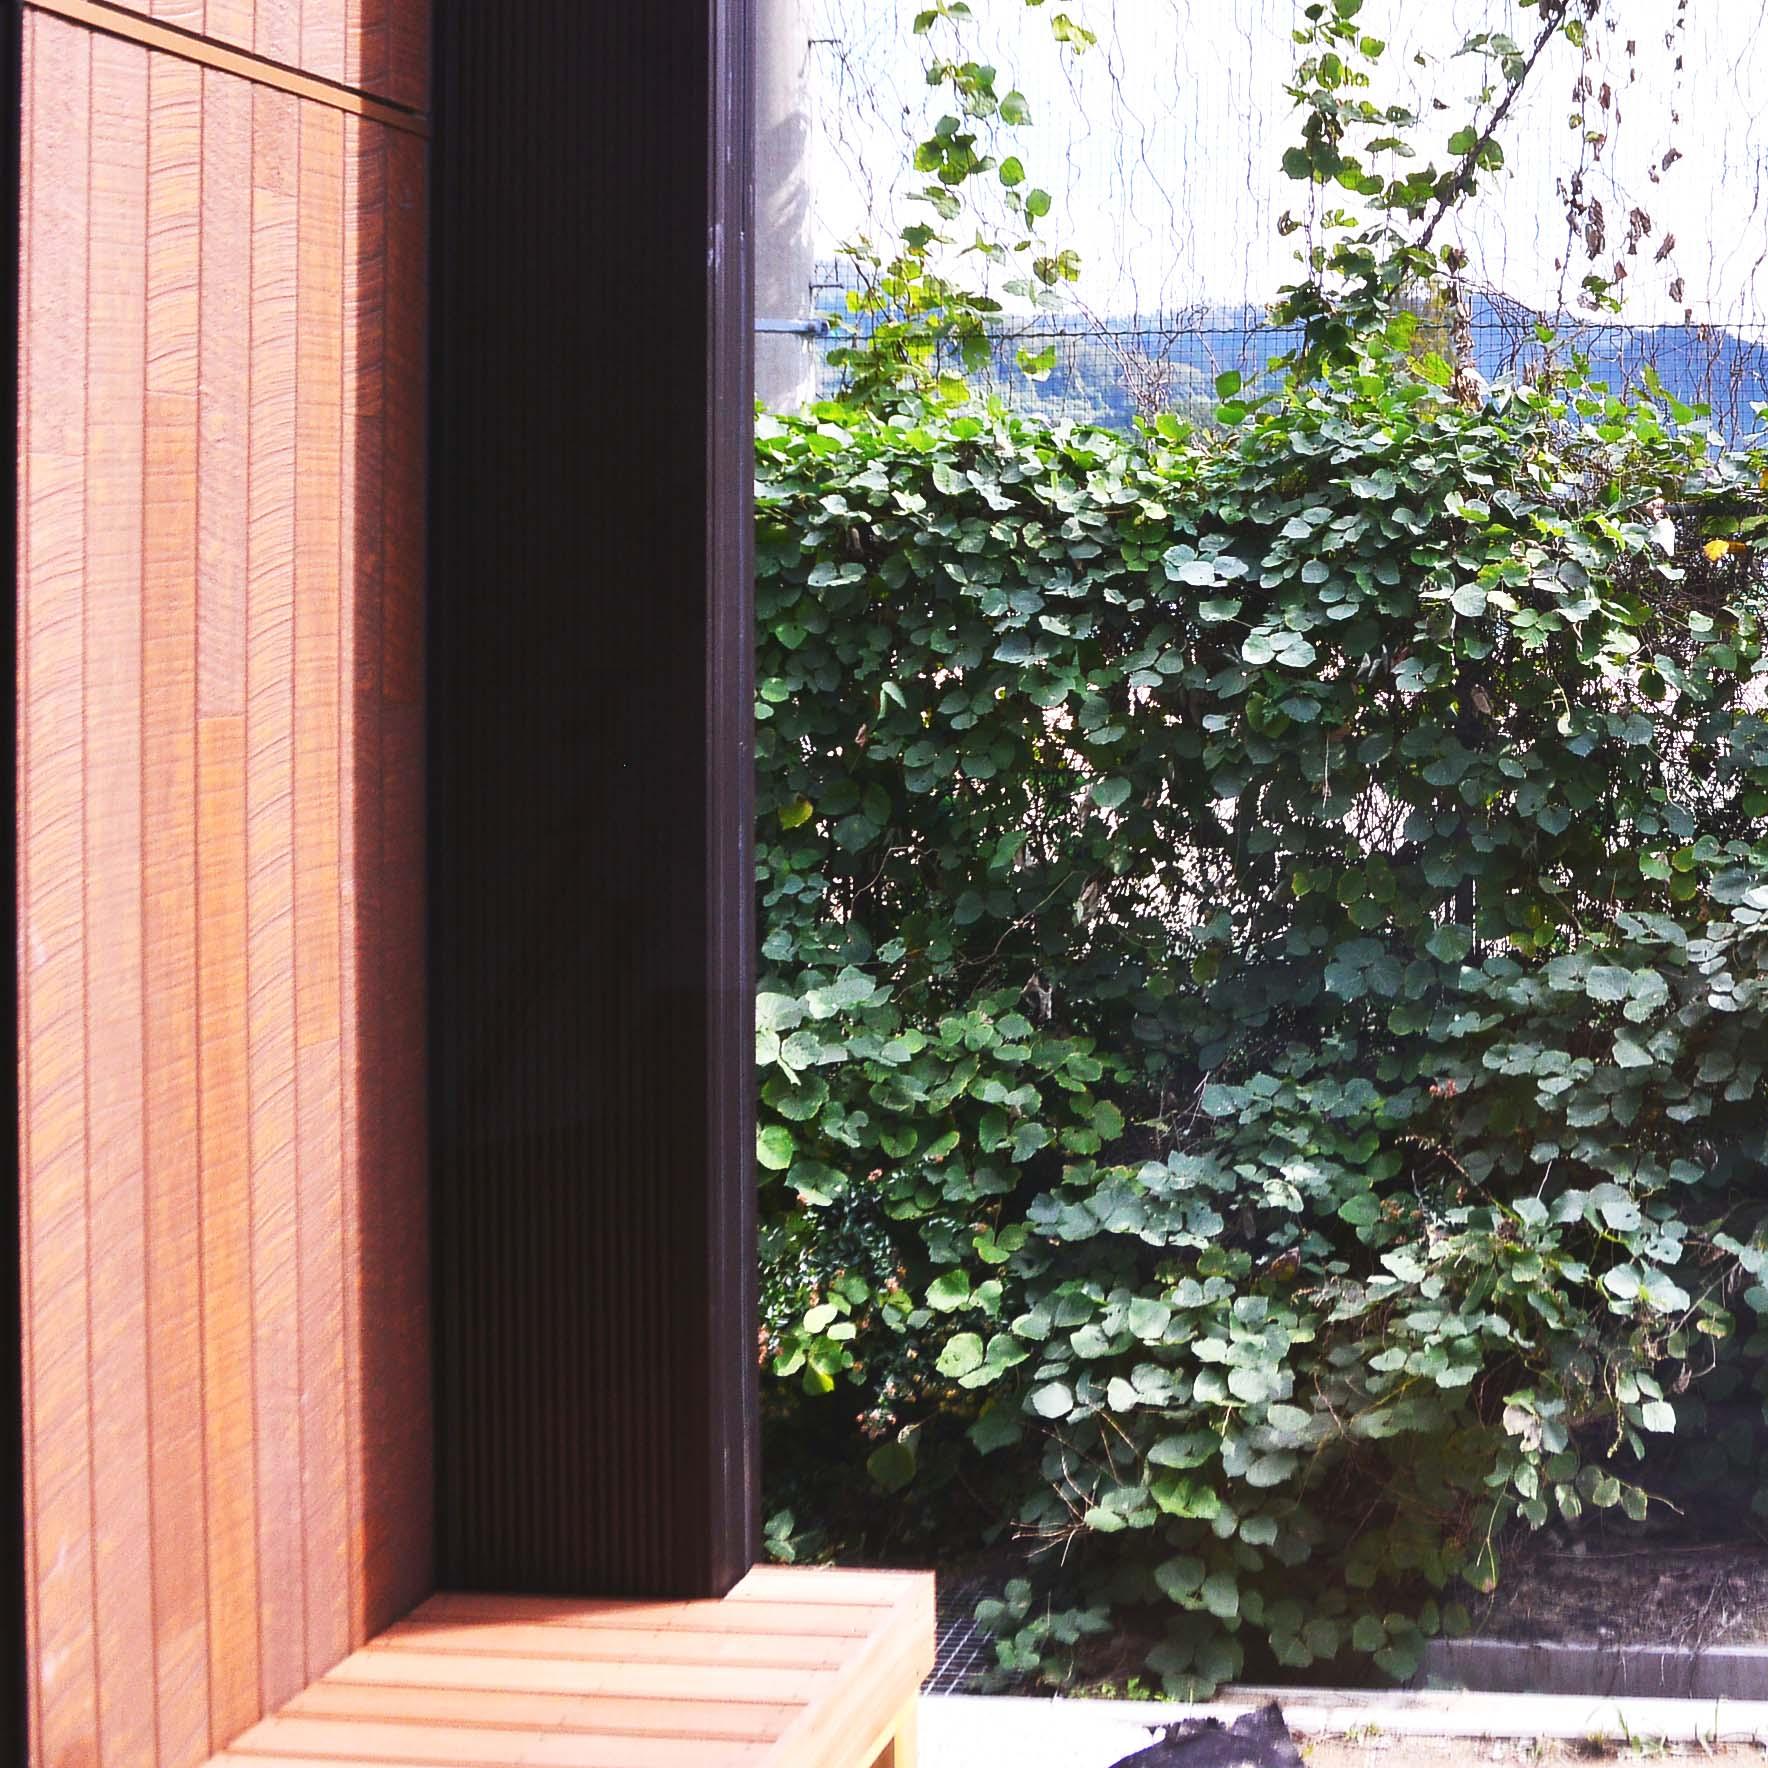 鳥取で建築写真や竣工写真の撮影をするならマジカルフォトワークを紹介する写真-鳥取建築写真-15